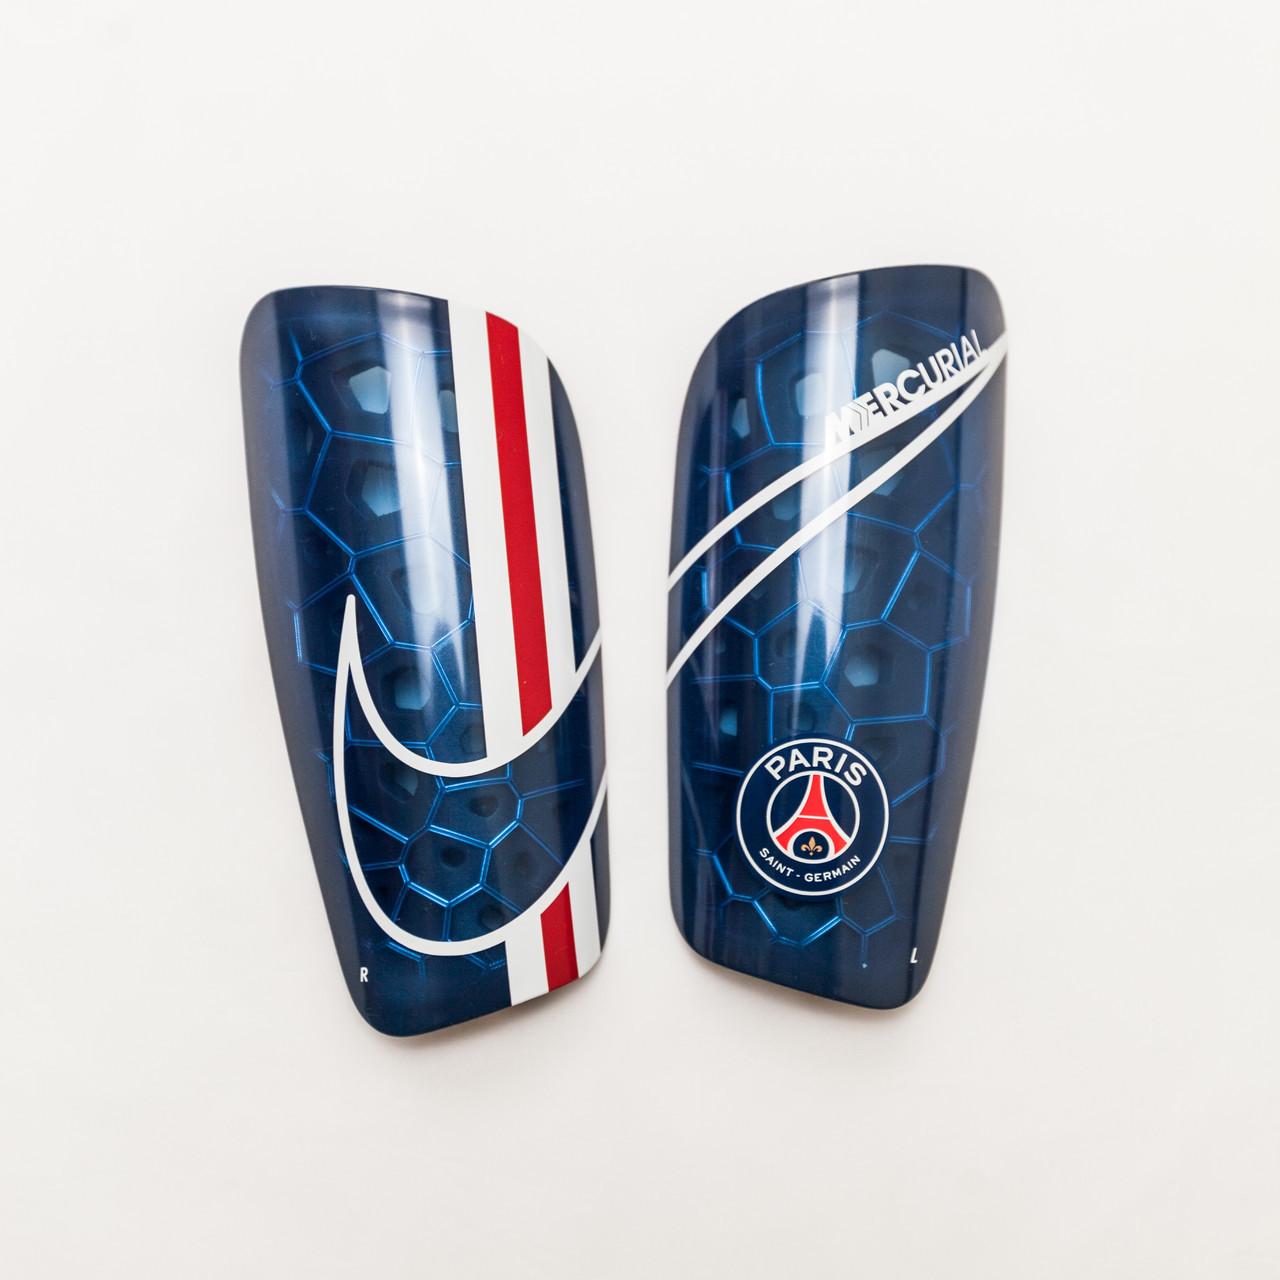 Щитки футбольные Nike PSG Mercurial Lite SP2173-410 Синий Размер XS (193145984233)